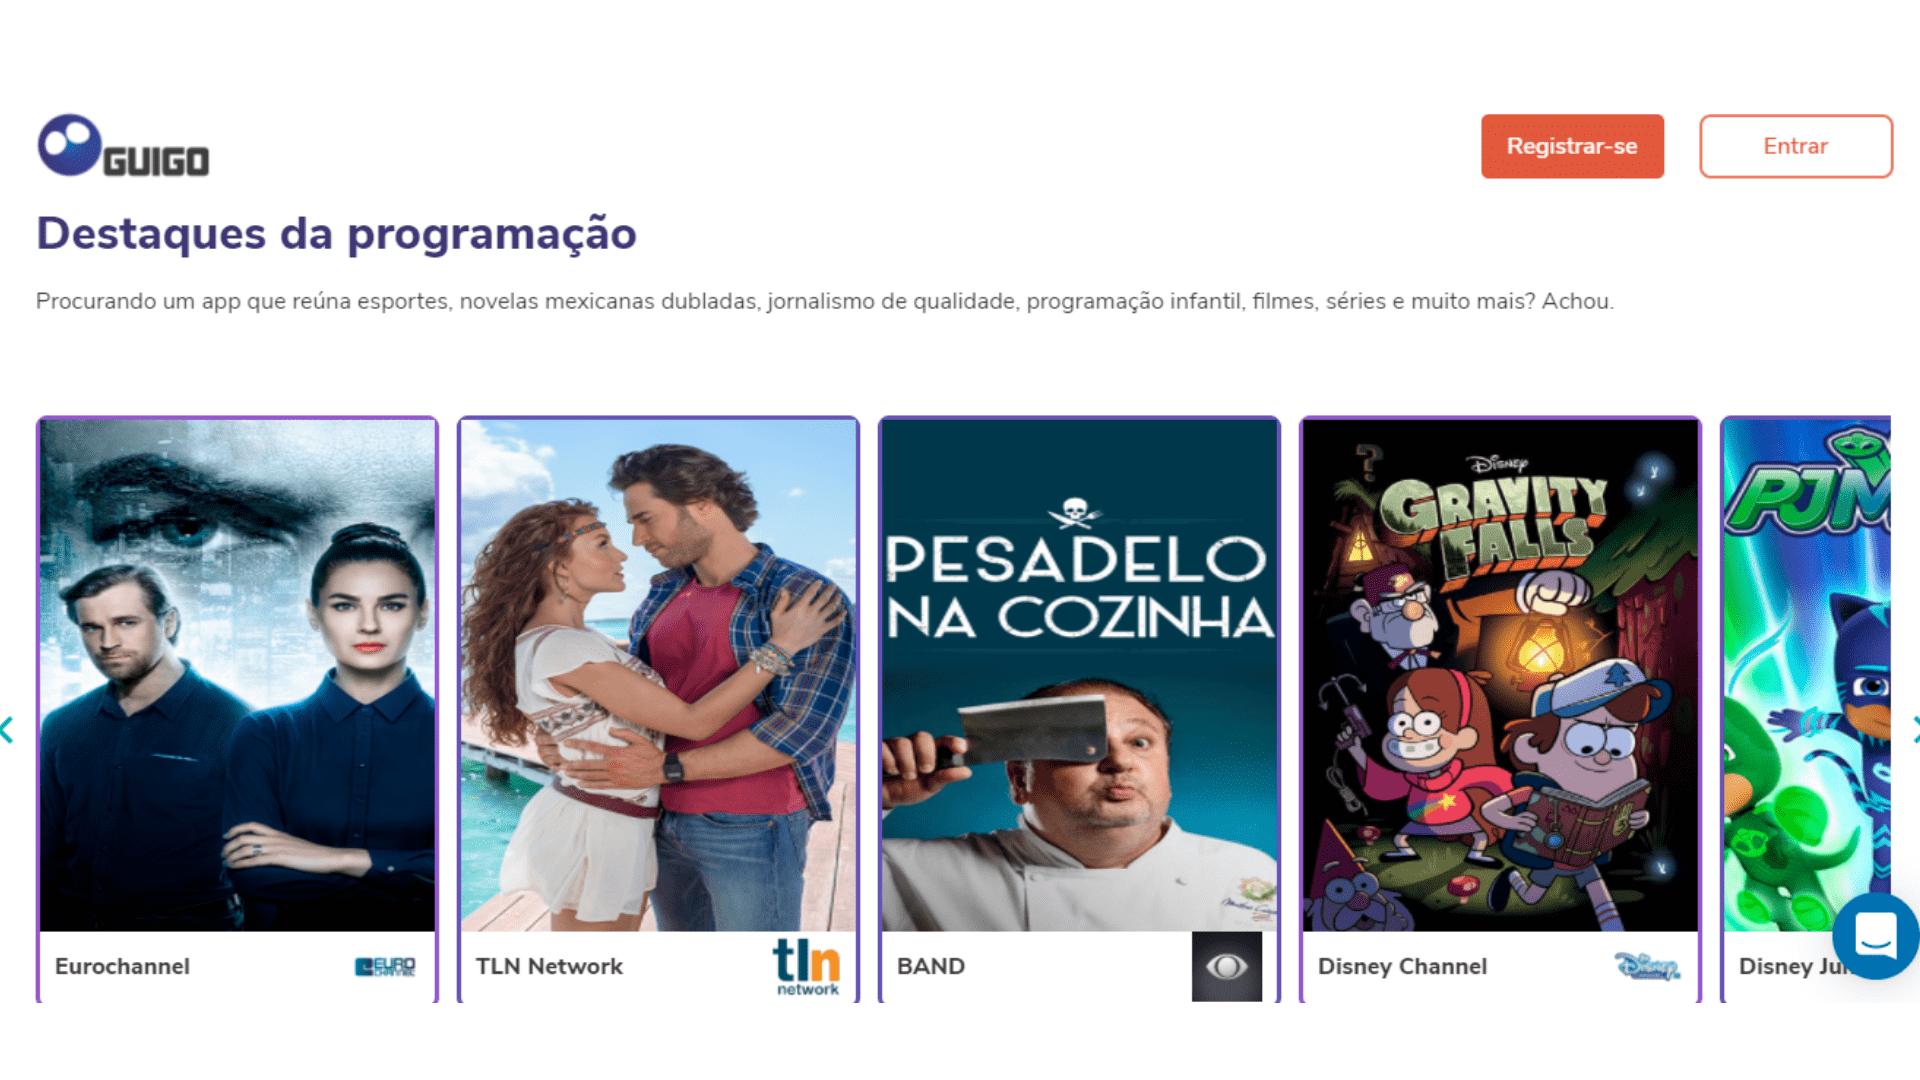 O Guigo TV é um serviço de IPTV legalizado, mas pago. (Imagem: Captura de tela/Guigo)